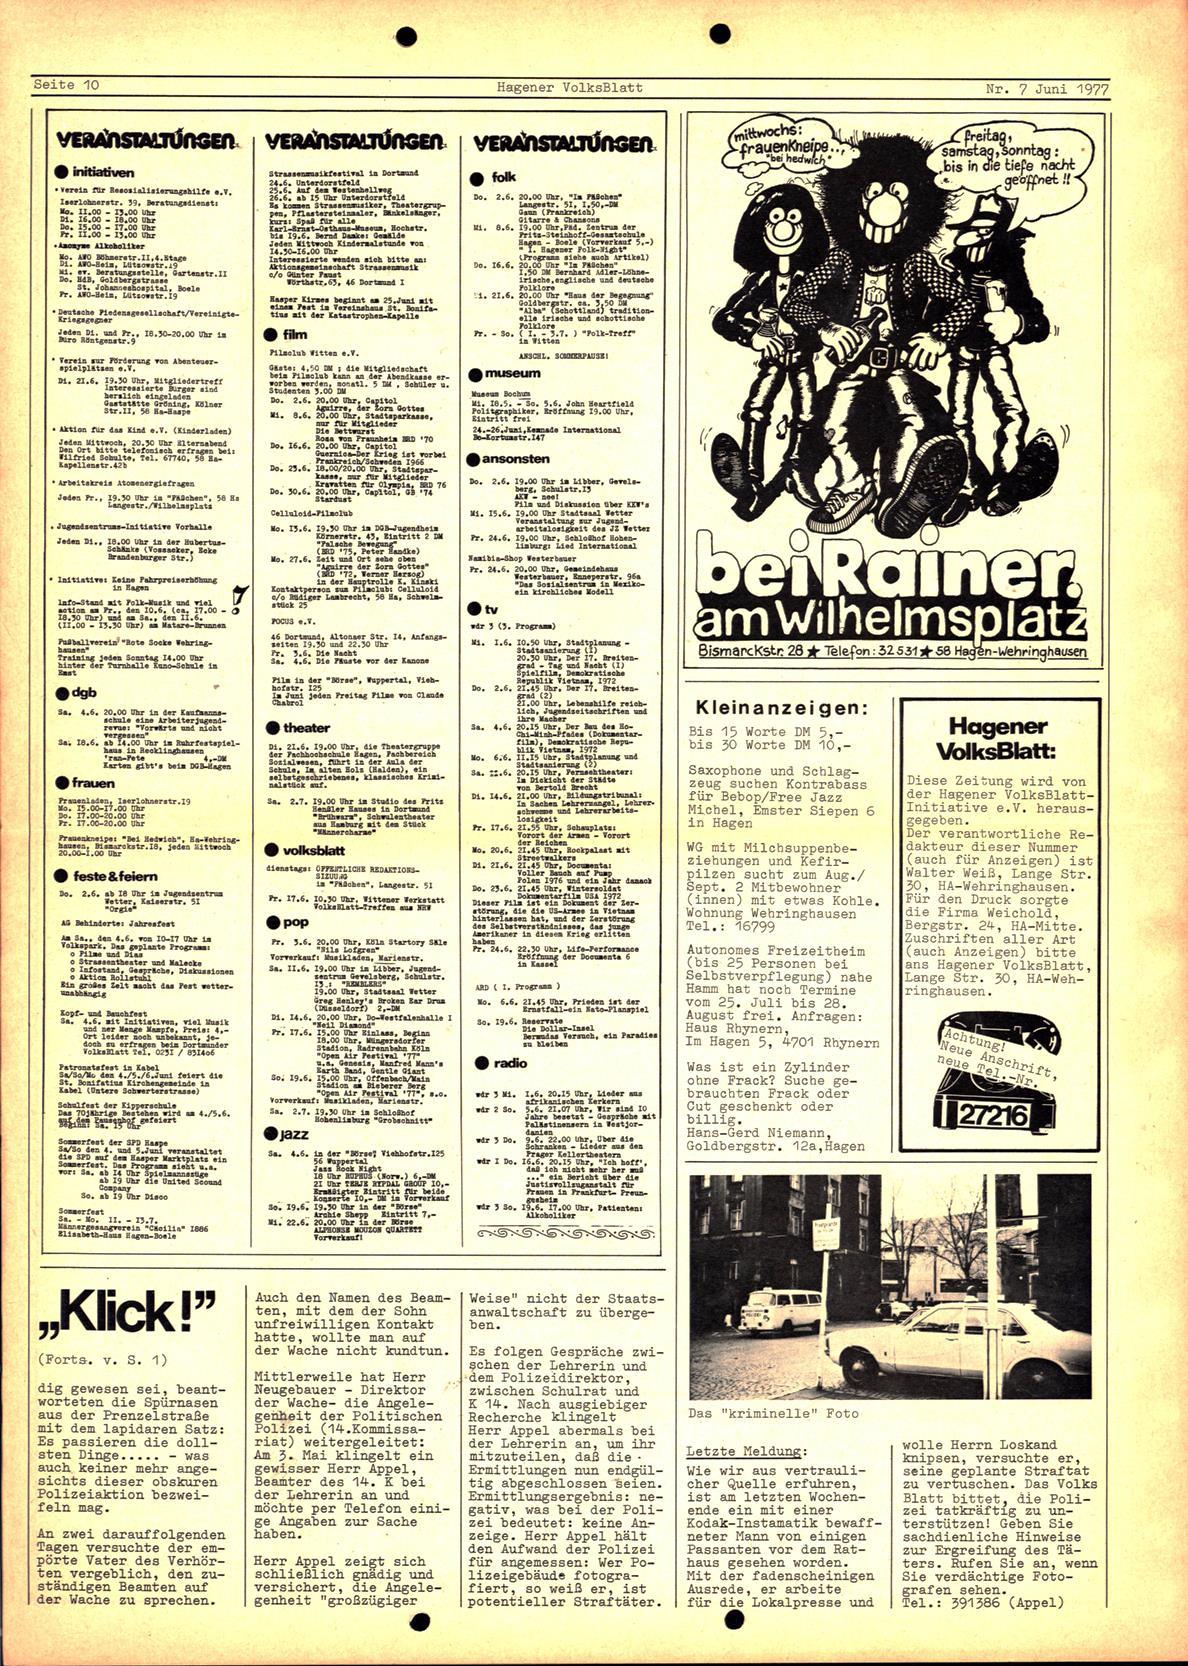 Hagen_Volksblatt_19770600_10